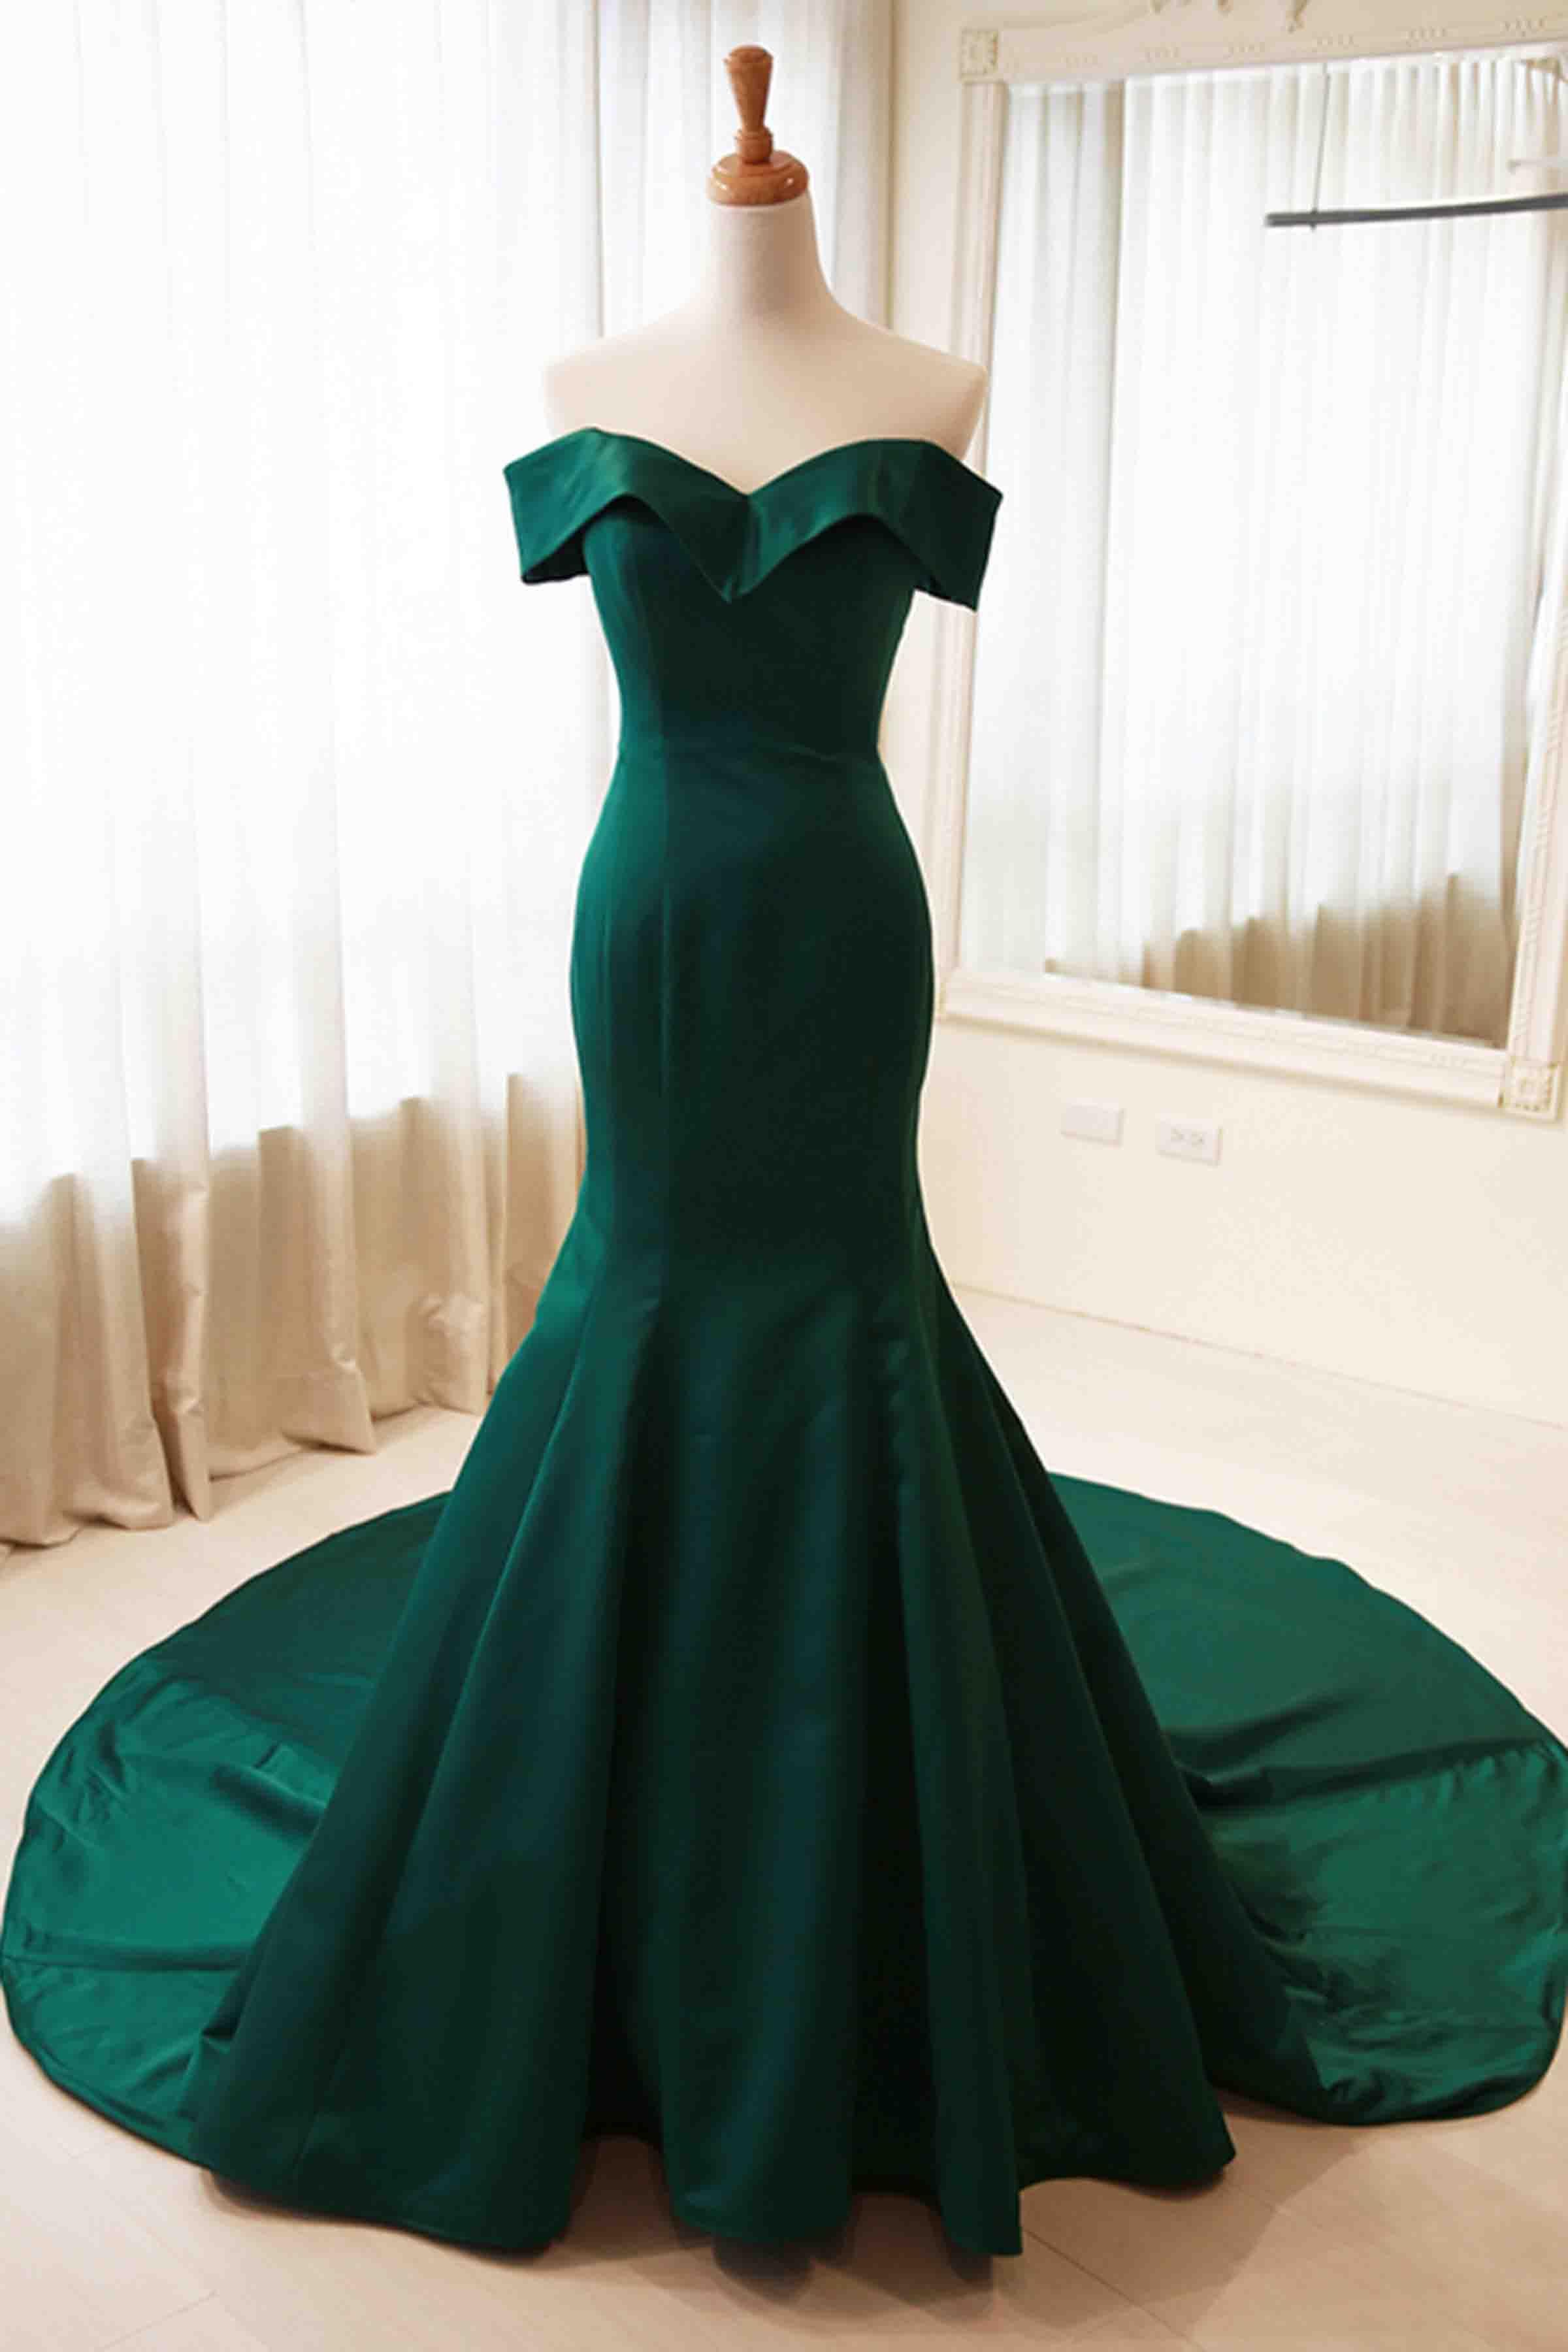 Green prom dresssatin prom dressoffshoulder prom dressmermaid